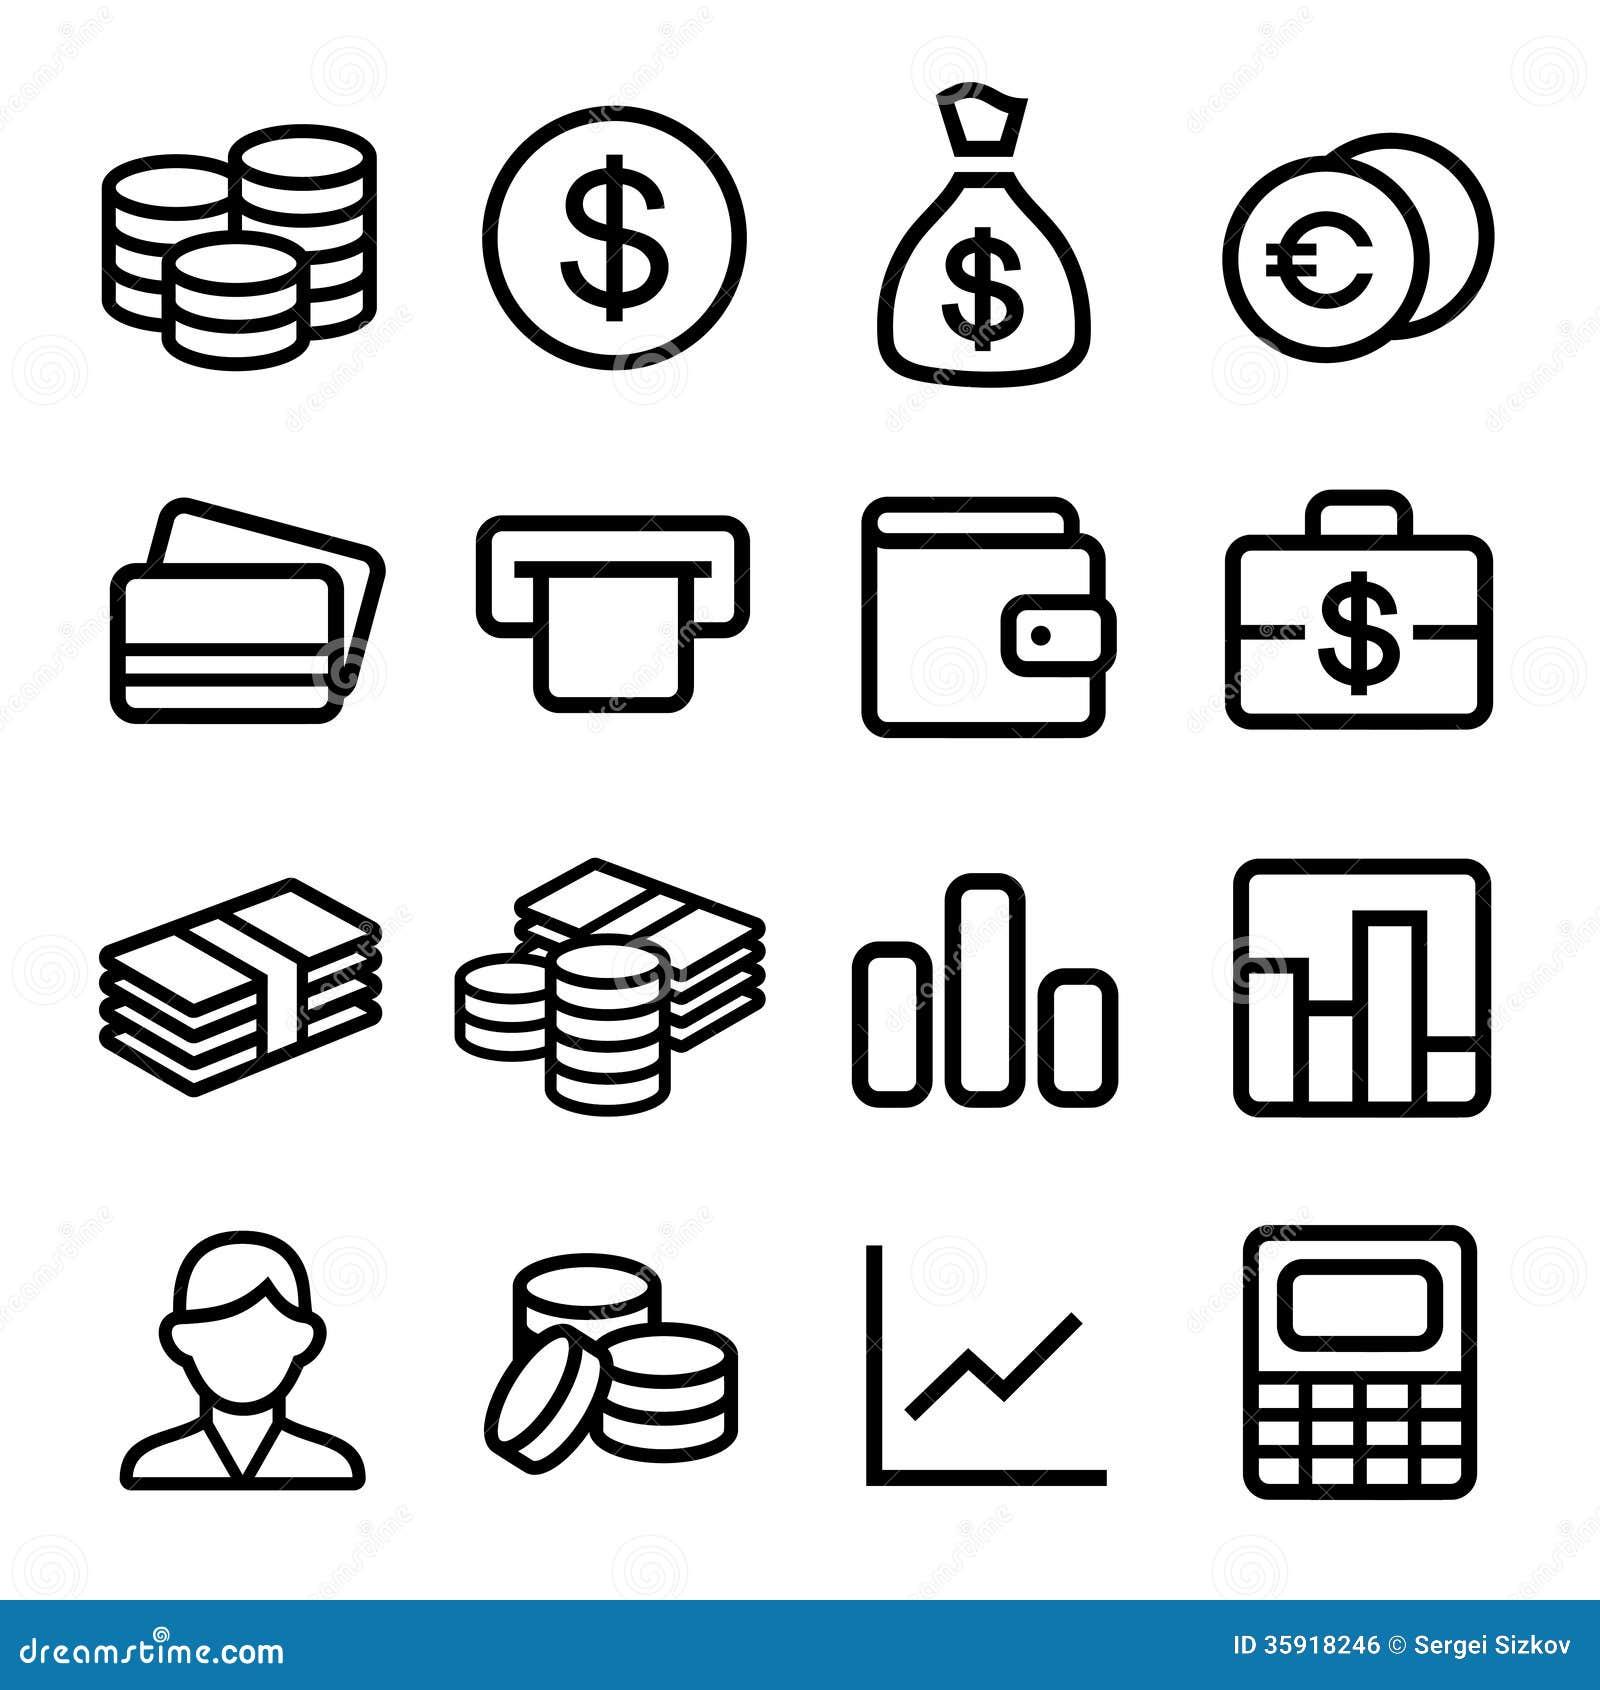 Money Ios 7 Icon Set Royalty Free Stock Image - Image ...